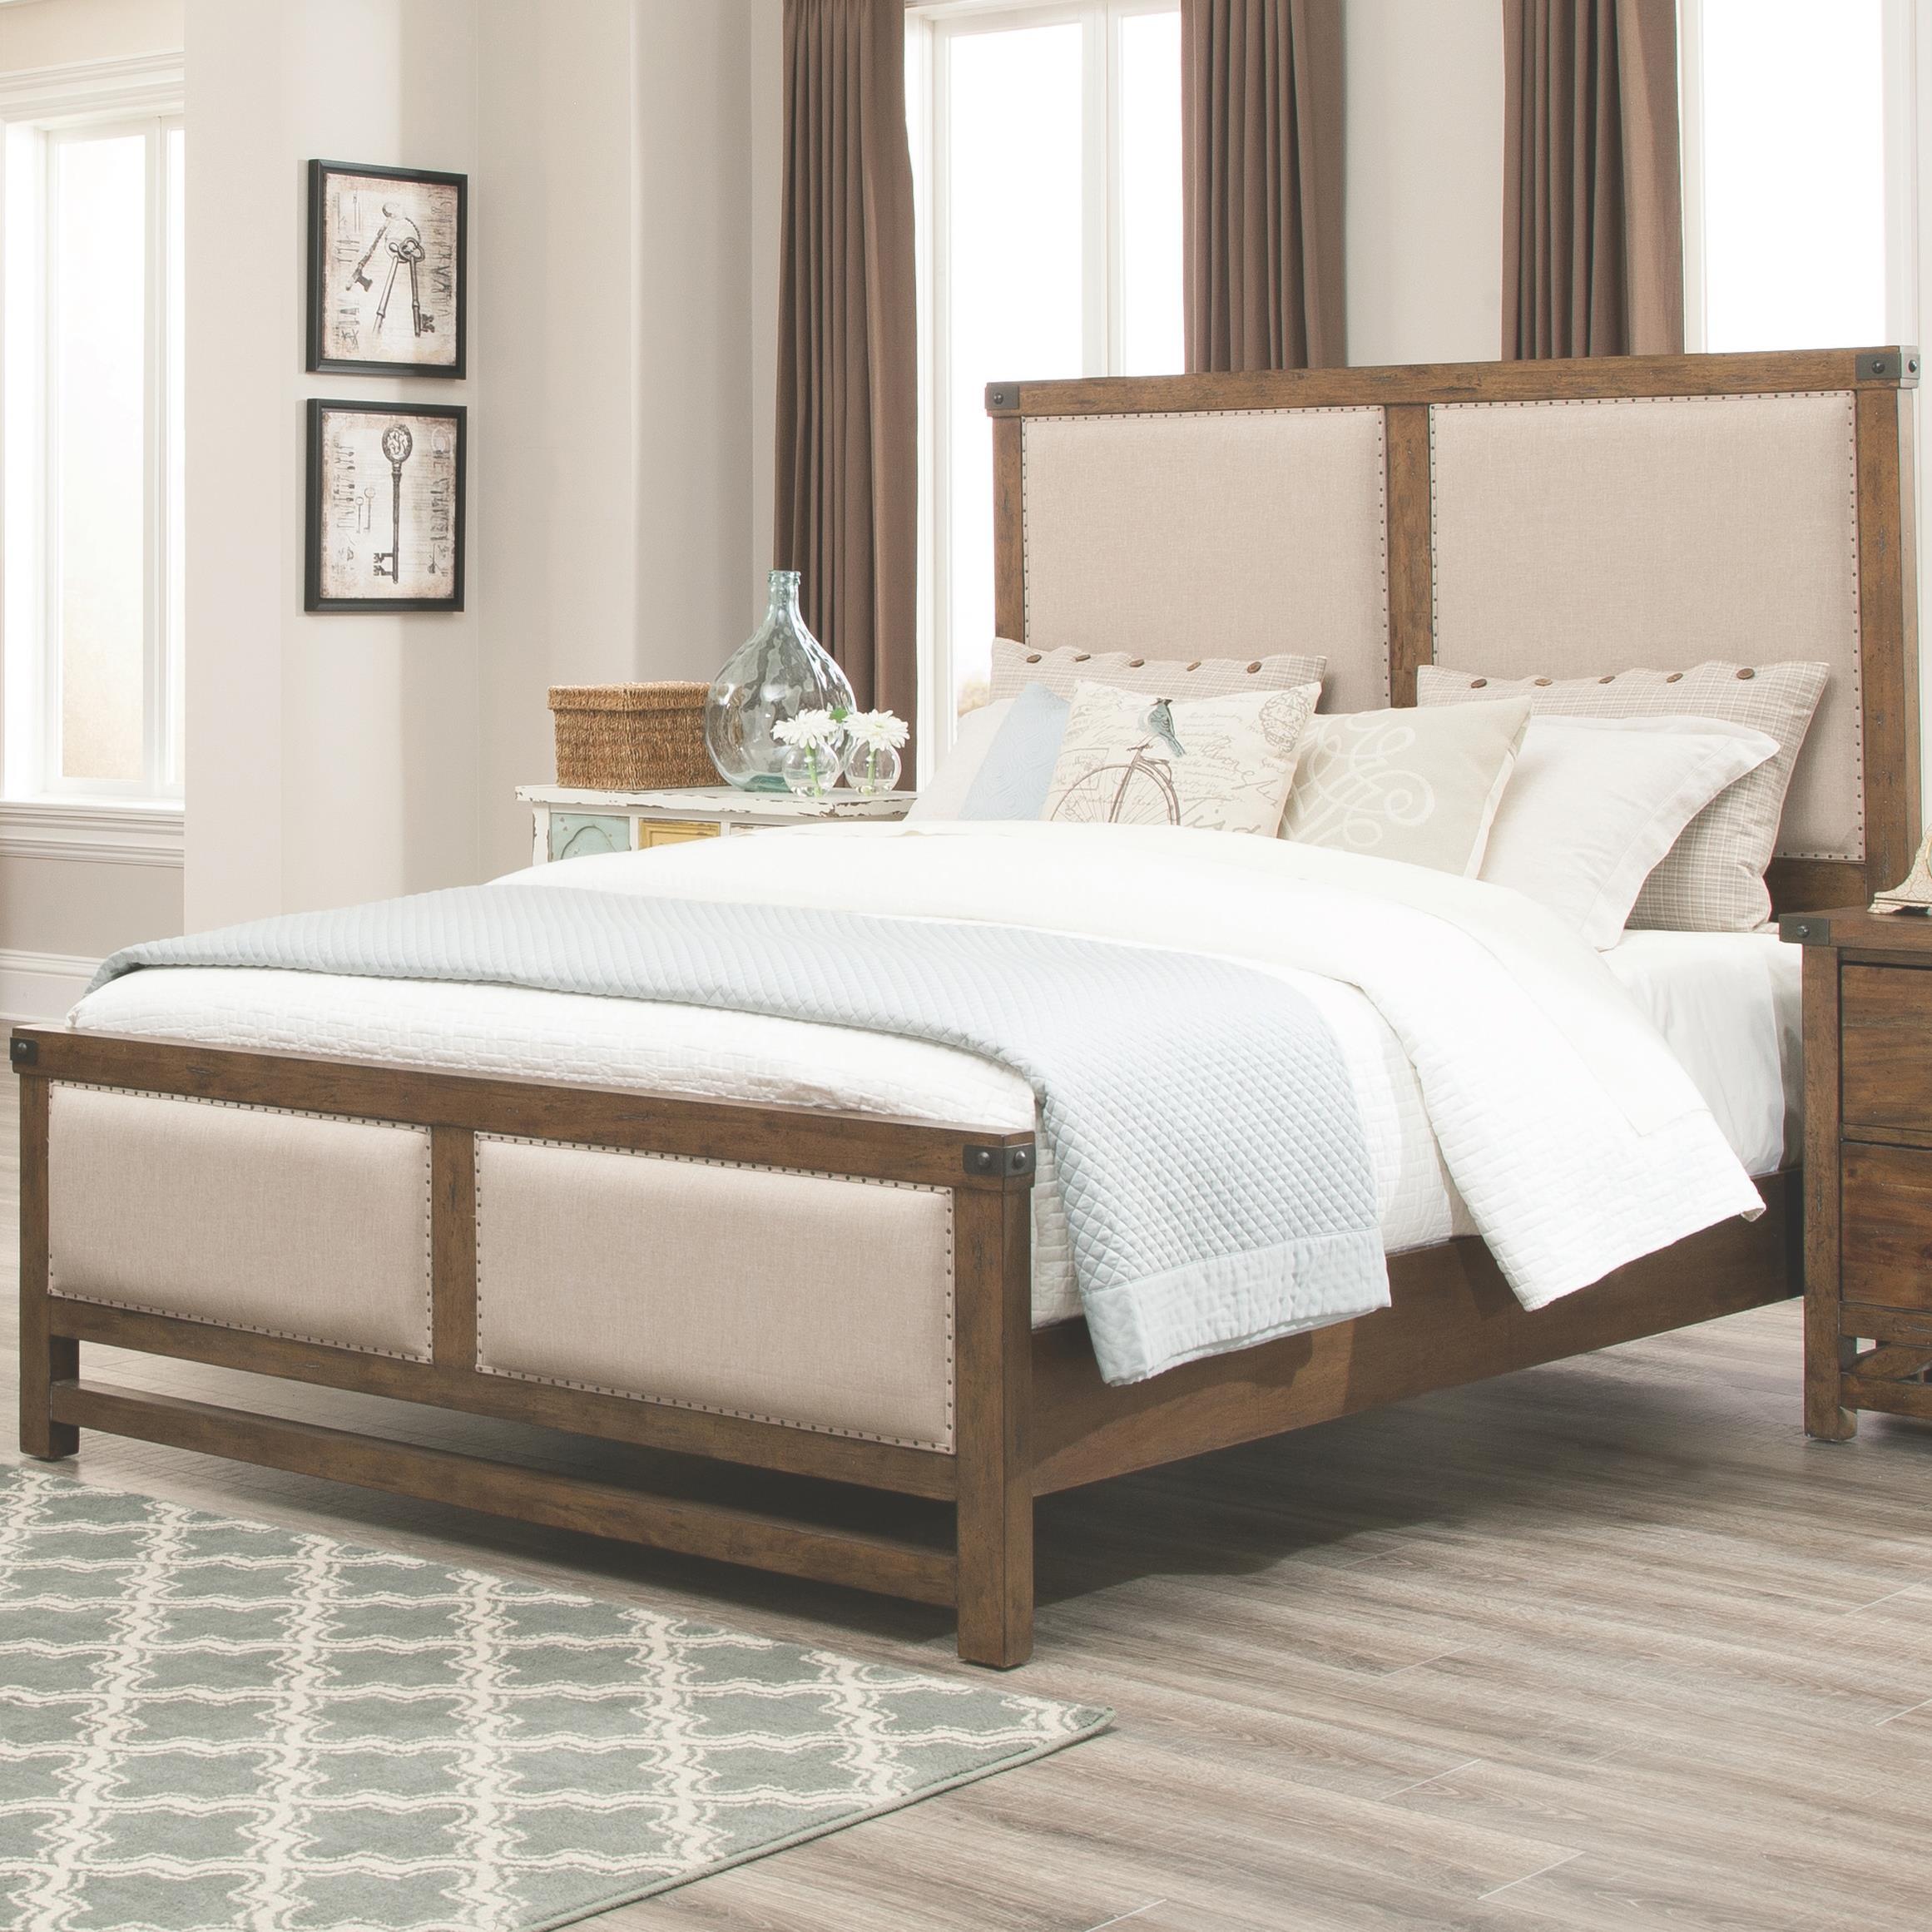 Coaster Bridgeport Queen Bed - Item Number: 204171Q